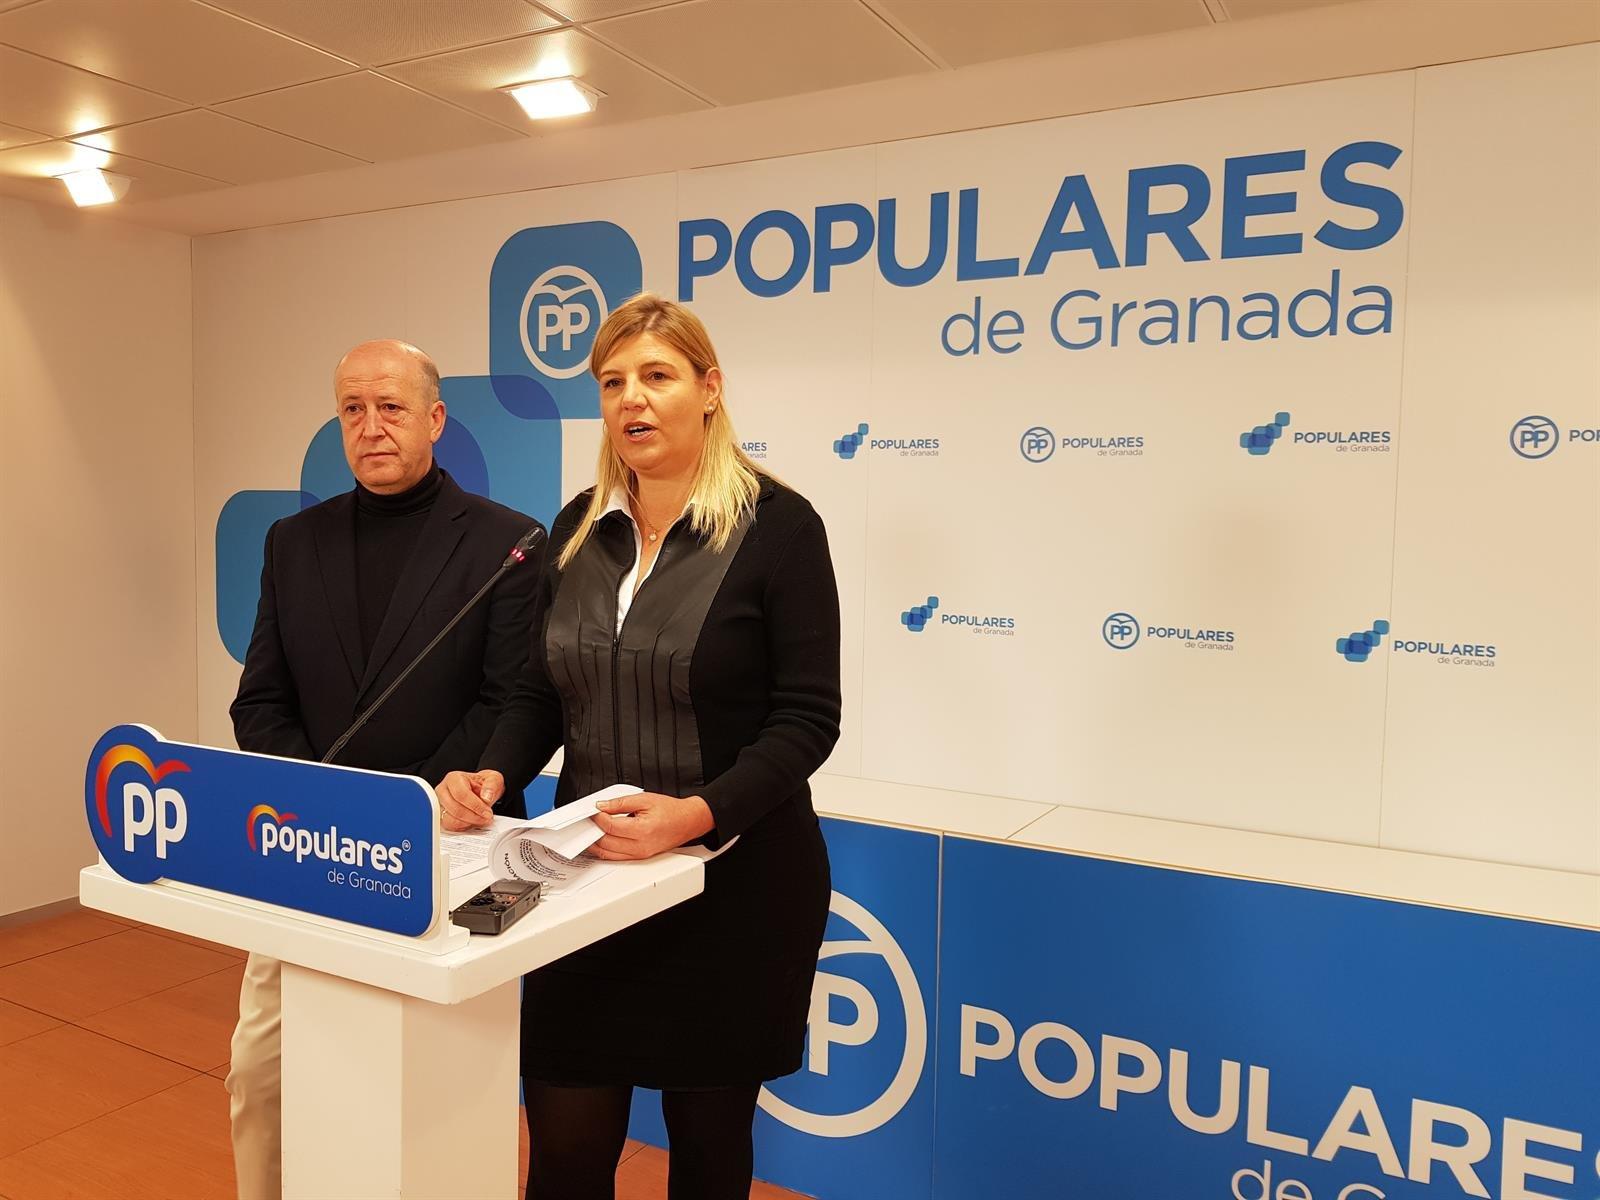 """El PP reprocha a la subdelegada del Gobierno """"su lamentable utilización de un tema tan doloroso y serio como la violencia de género para hacer política"""""""